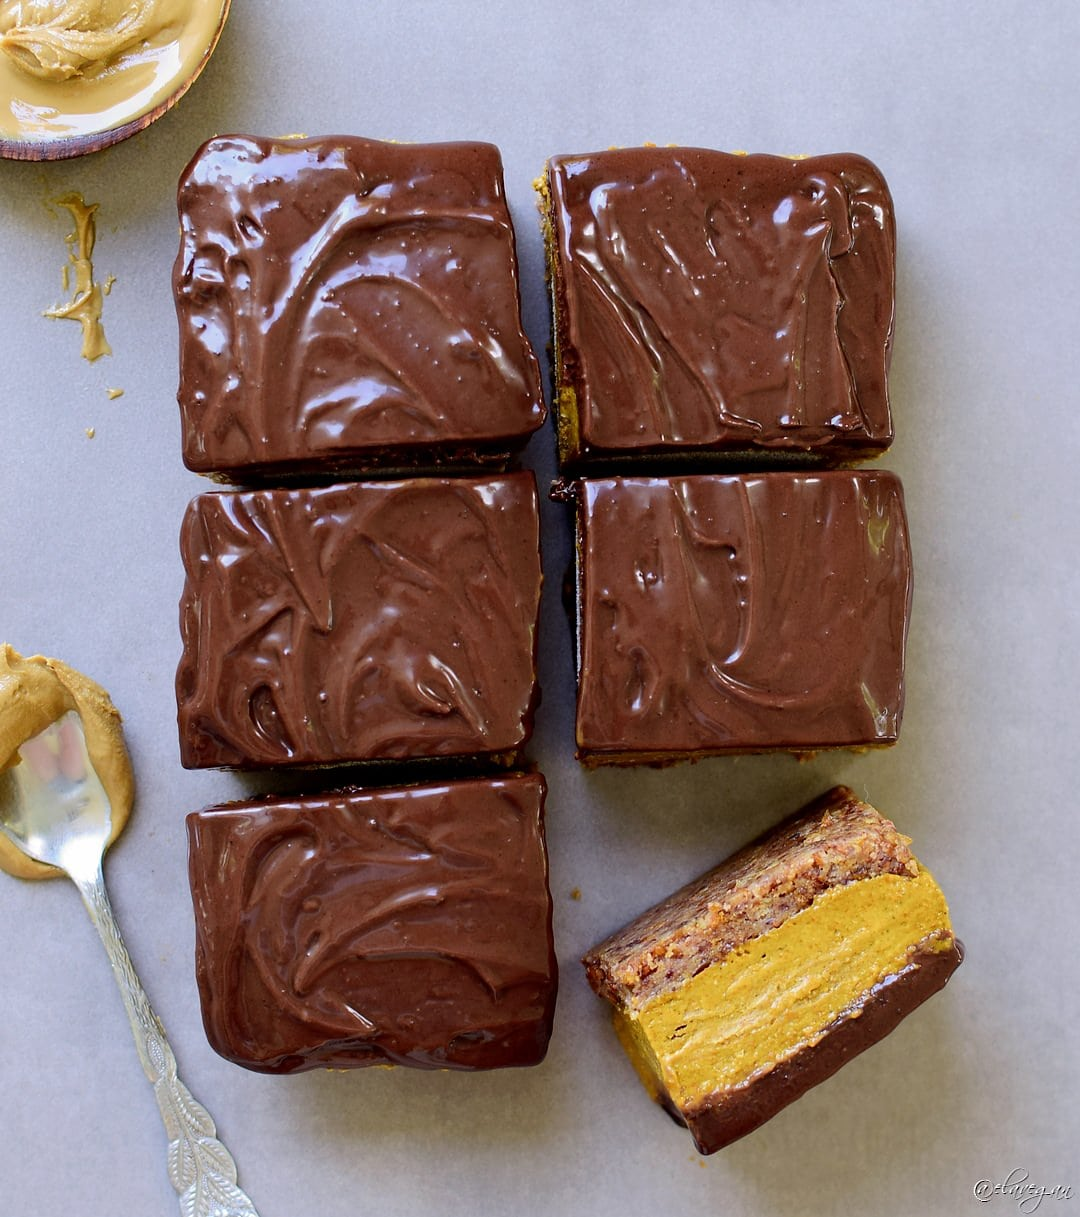 Kürbisschnitten mit leckerer Schokoladenglasur, ohne zu backen! Dieses süße Kürbiskuchen-Schokoladen-Rezept ist einfach zu machen, vegan, glutenfrei, paleofreundlich, gesund und frei von raffiniertem Zucker. Perfekt als Frühstück oder Dessert